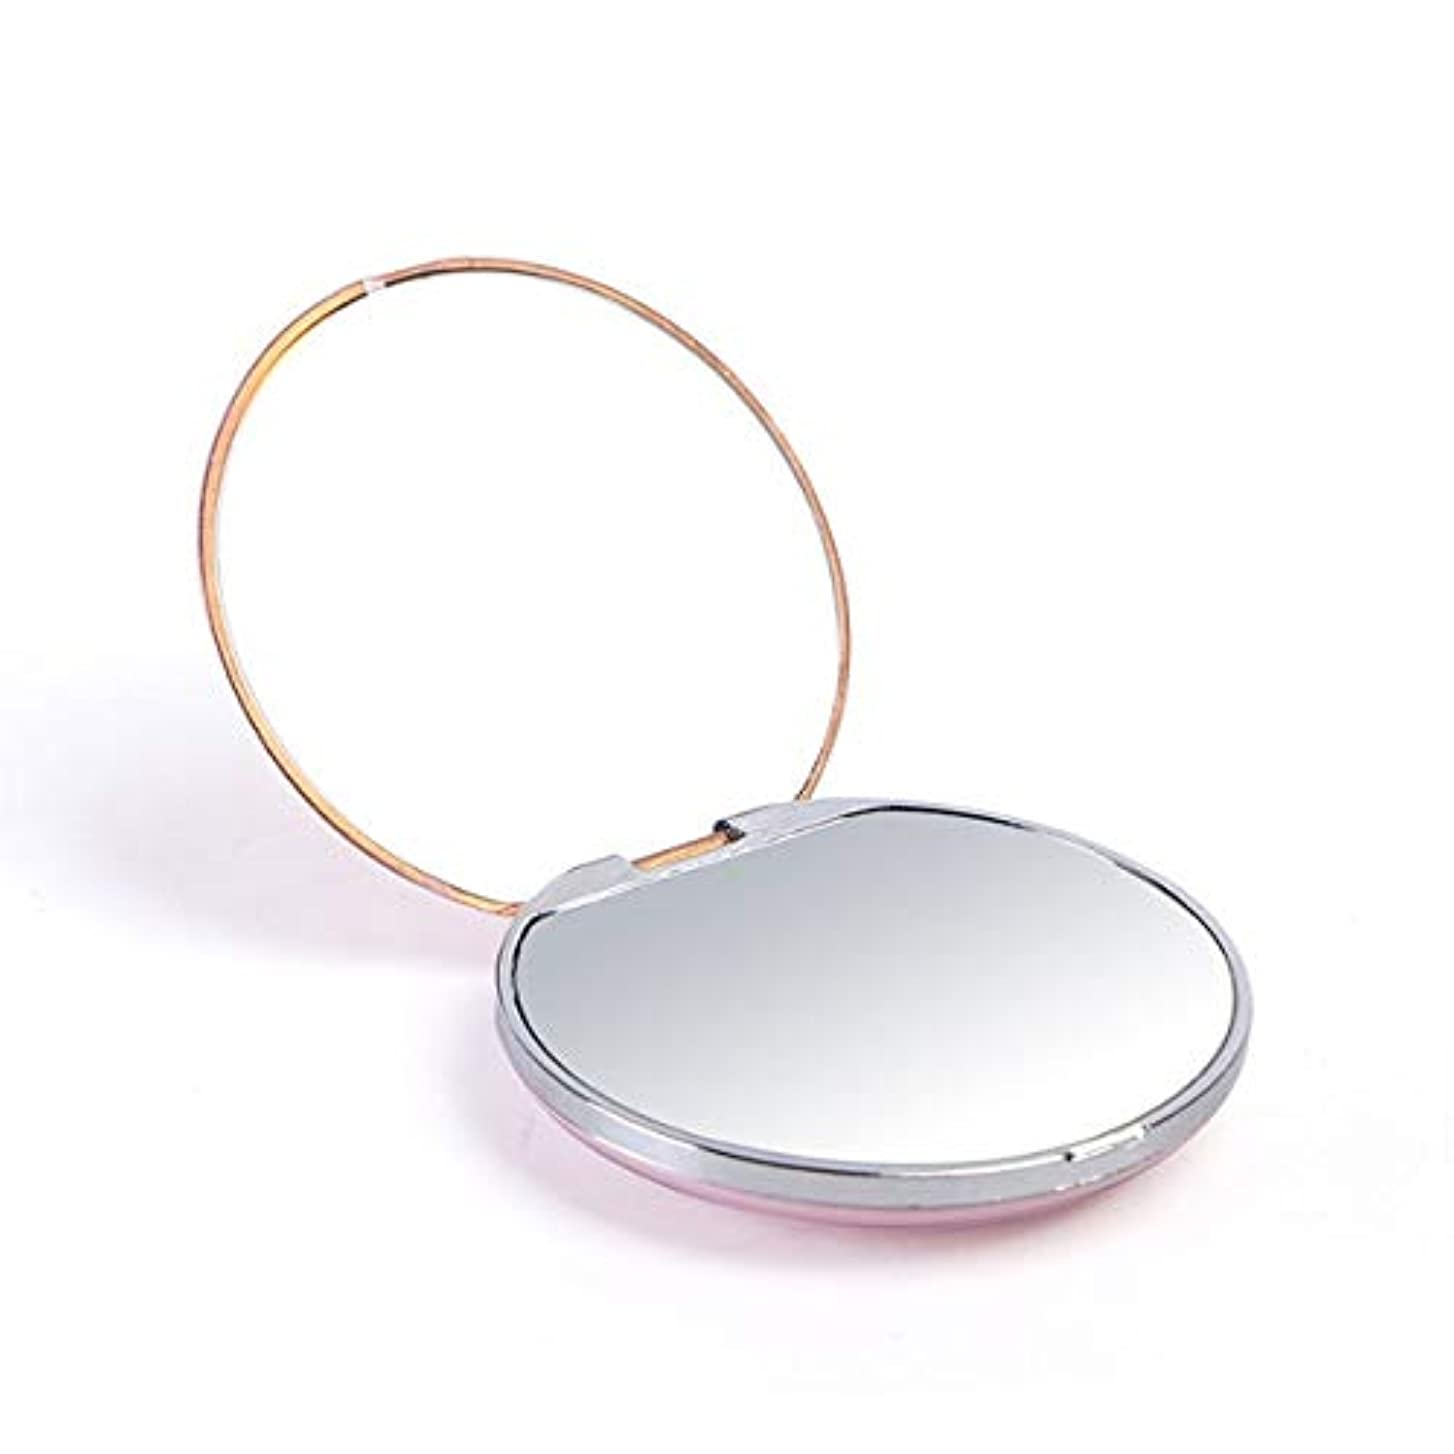 瞑想ロック解除チキン化粧鏡、亜鉛合金テクスチャアップグレード化粧鏡化粧鏡化粧ギフト